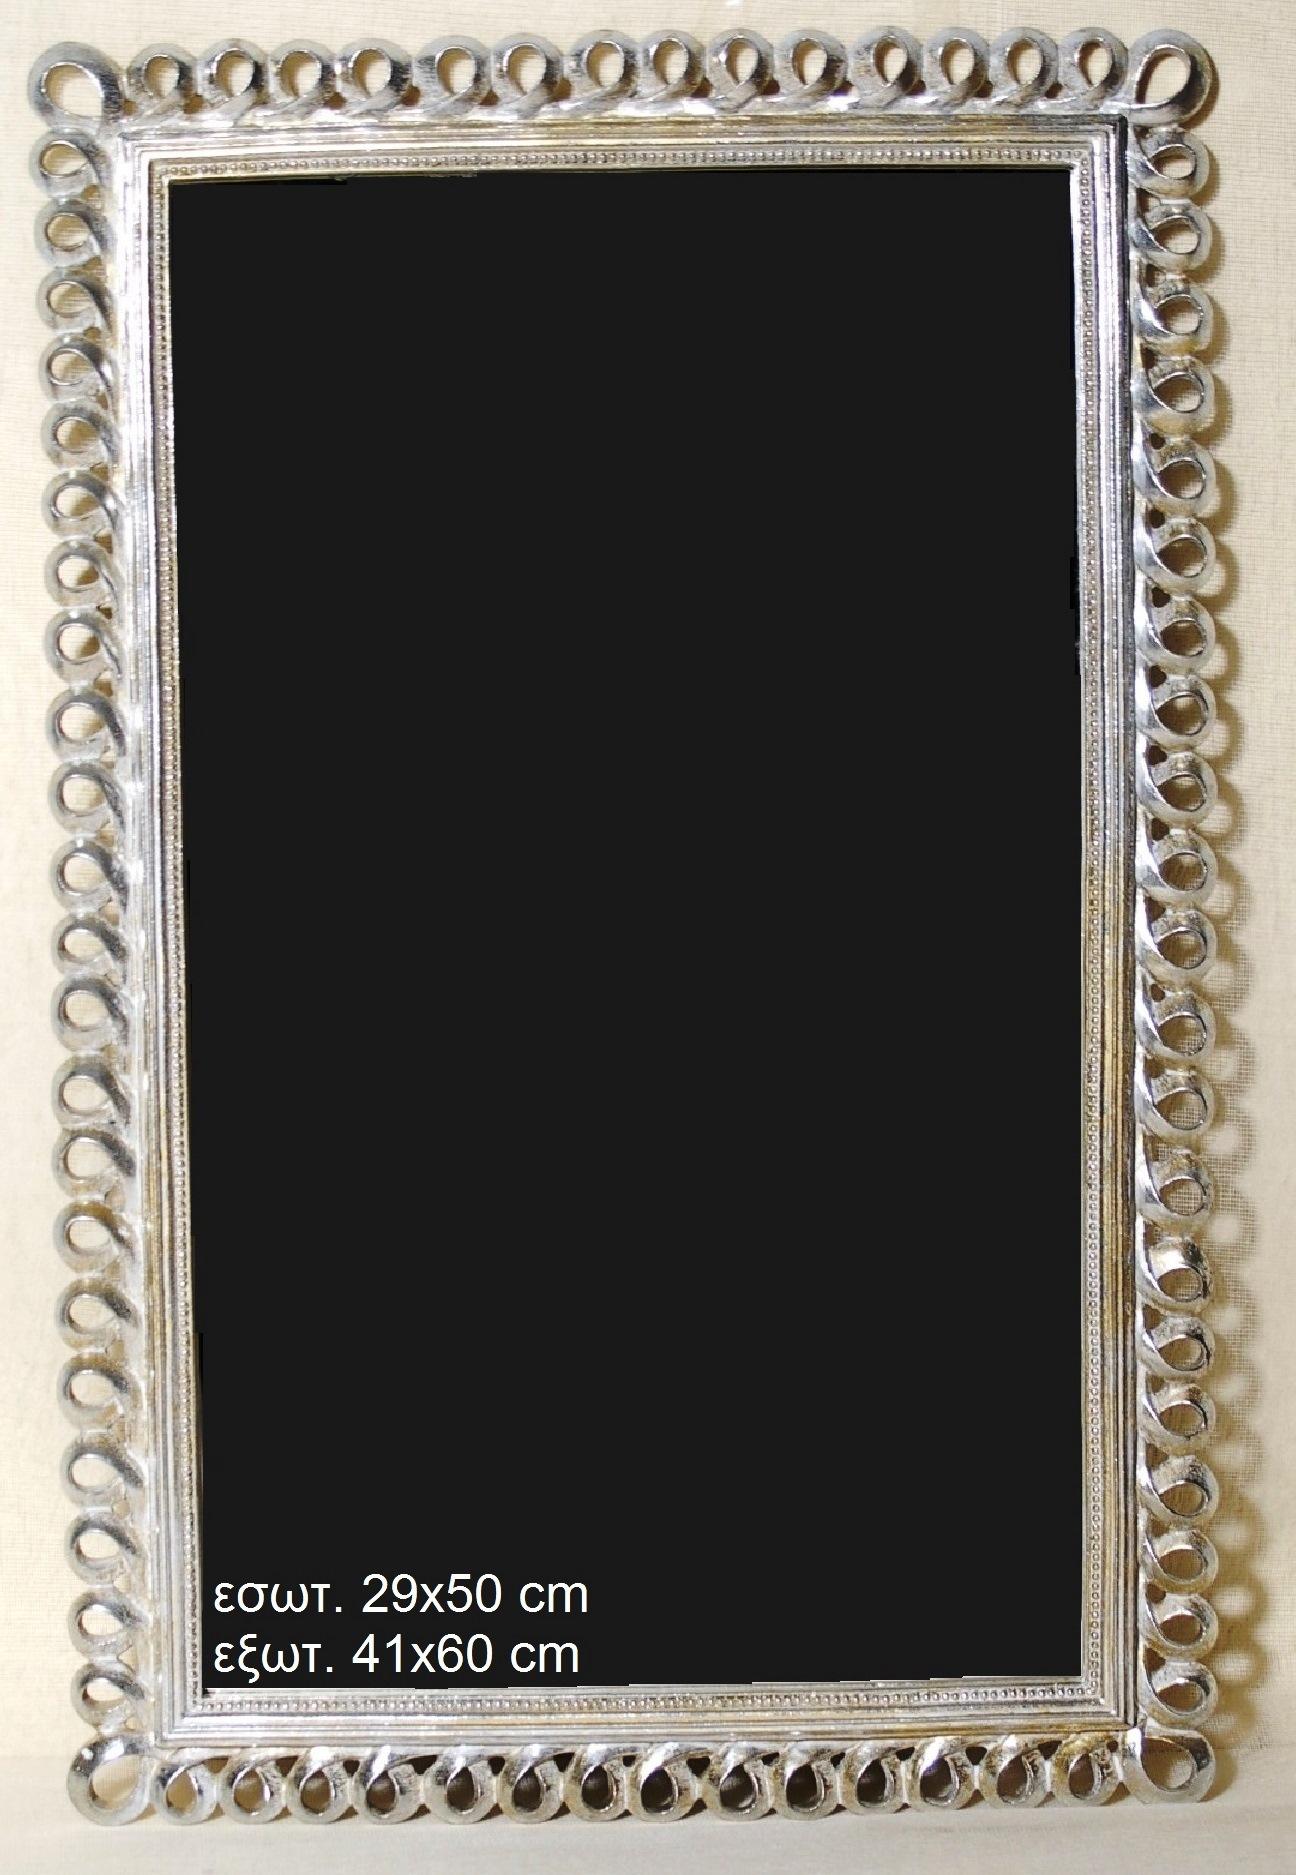 Καθρέπτης Πολυεστερικός Royal Art 29x50εκ. YUA3/081SL (Υλικό: Πολυεστερικό) - Royal Art Collection - YUA3/081SL